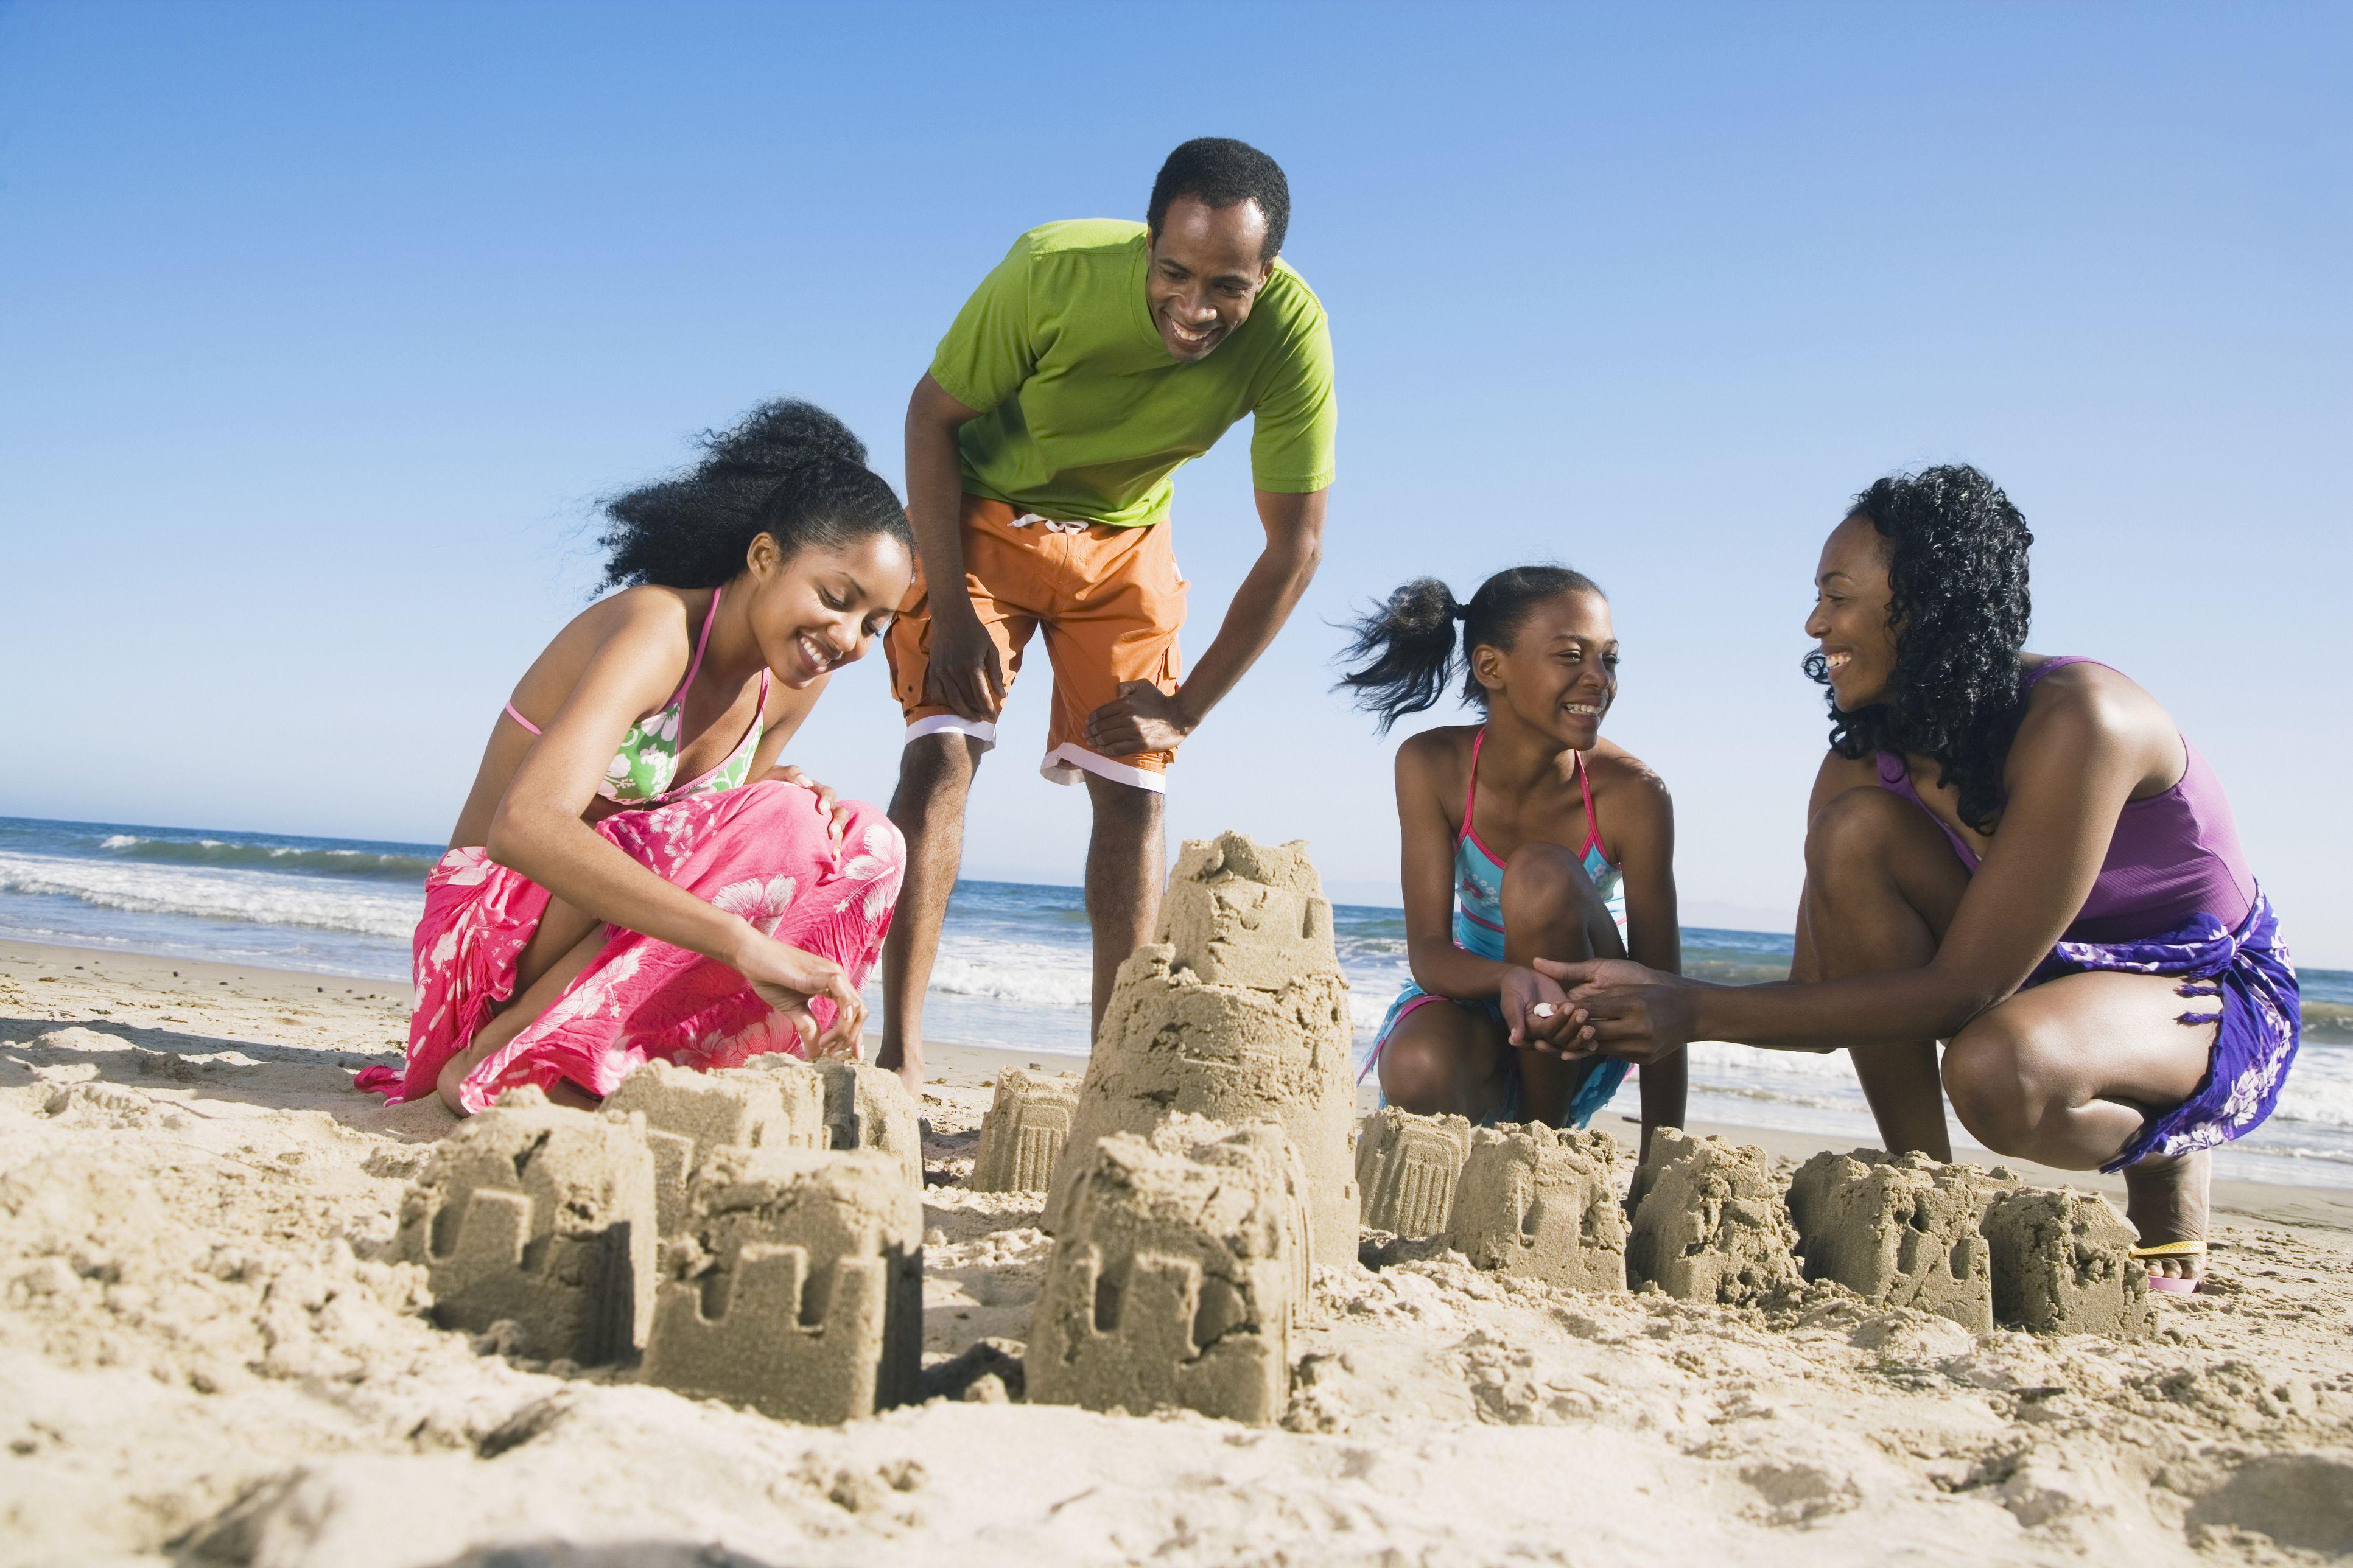 Familia africana construyendo castillos de arena